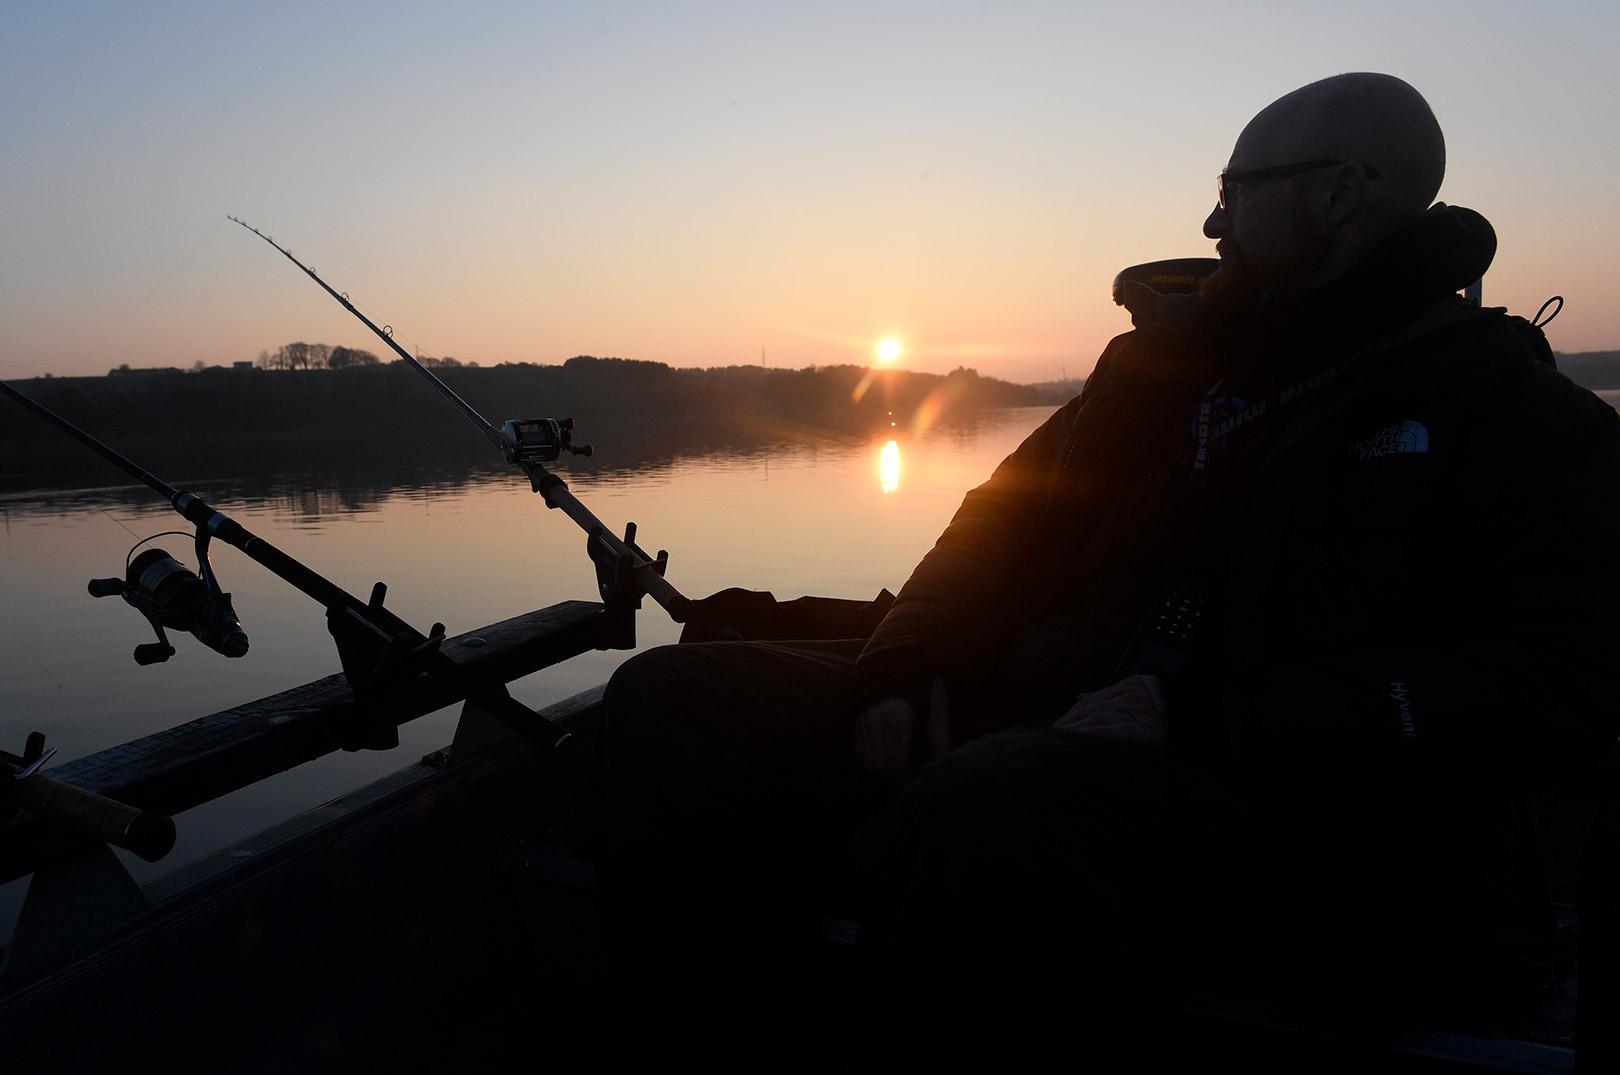 Et forbud mod lystfiskeri i de søer som ligger i Natura 2000 områpder ville kunne få store konsekvenser for dansk søfiskeri. Alt tyder heldigvis på at der ikke vil komme et decideret forbund mod lystfiskeri i de 10 % der vil blive udpeget som strengt beskyttet.